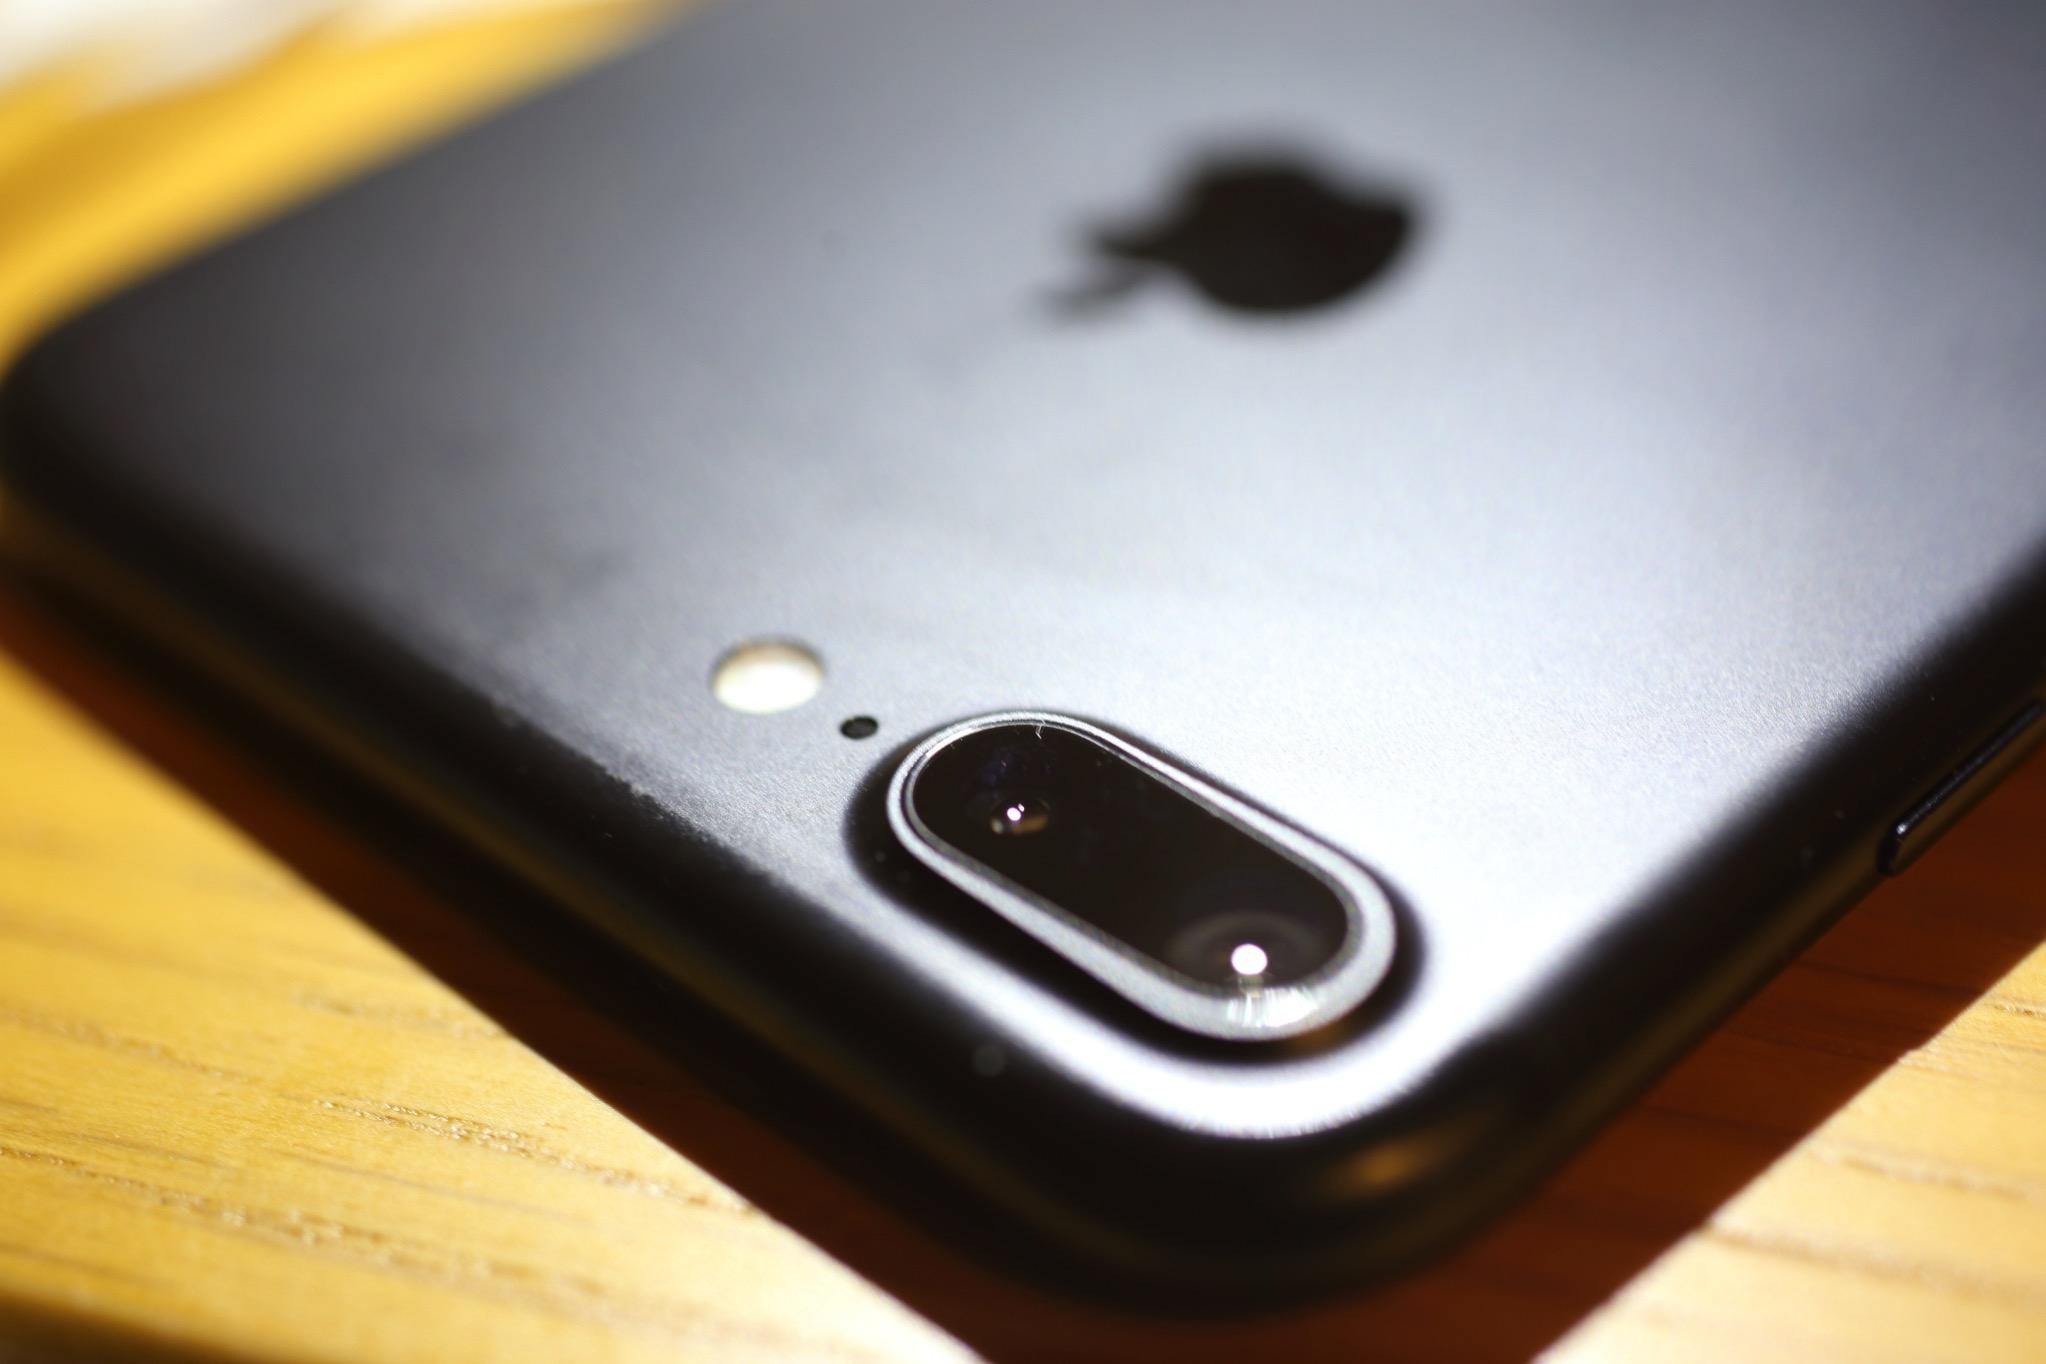 iPhone7 Plusには広角用と望遠用の2つのレンズがある